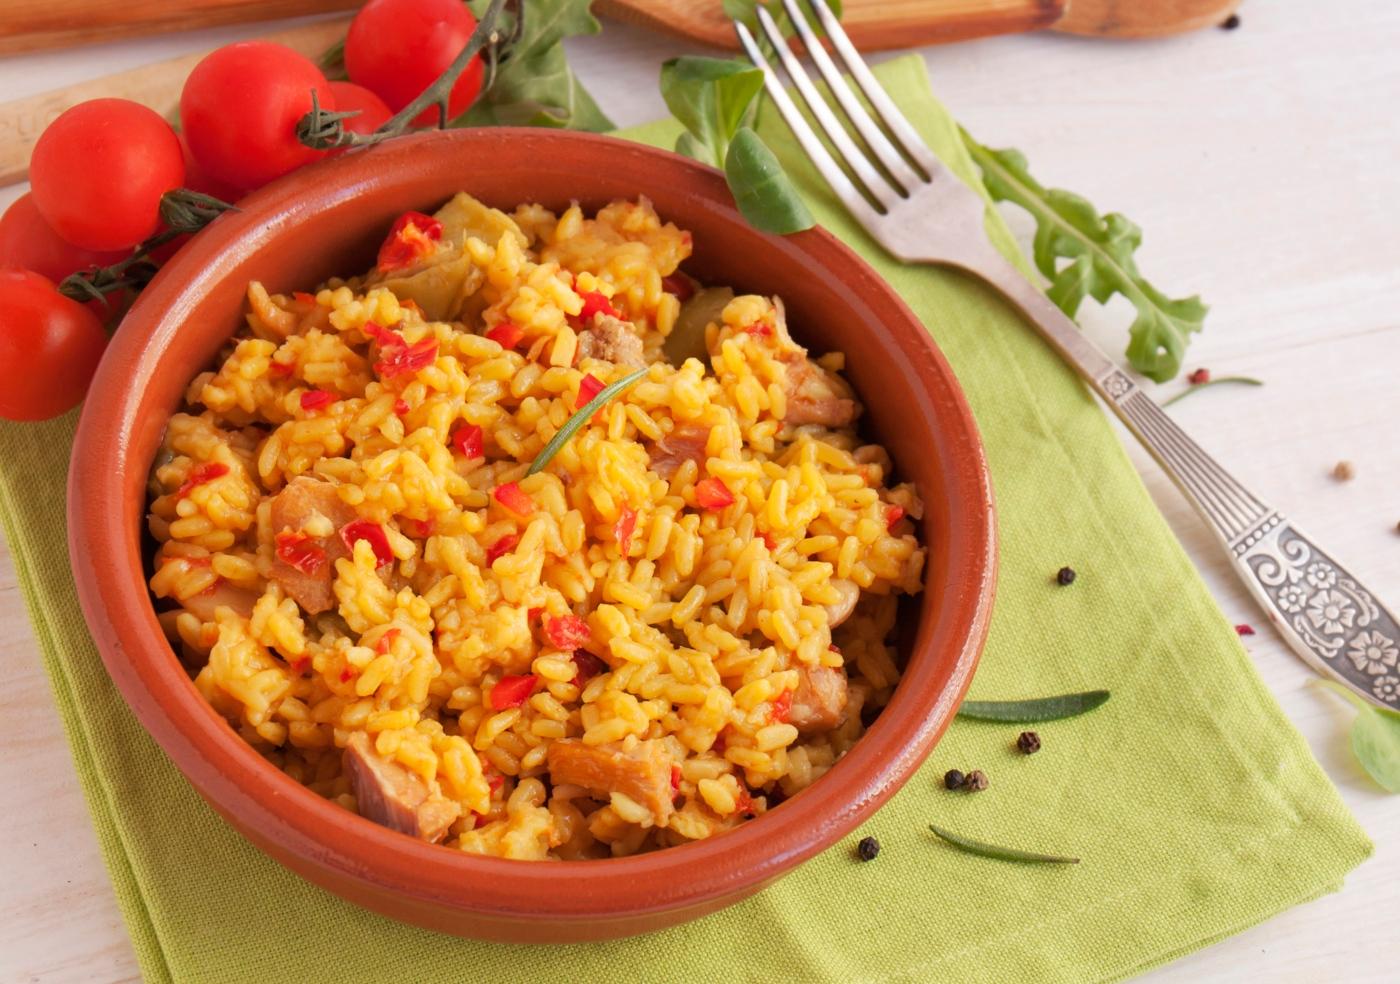 arroz de frango com tomate